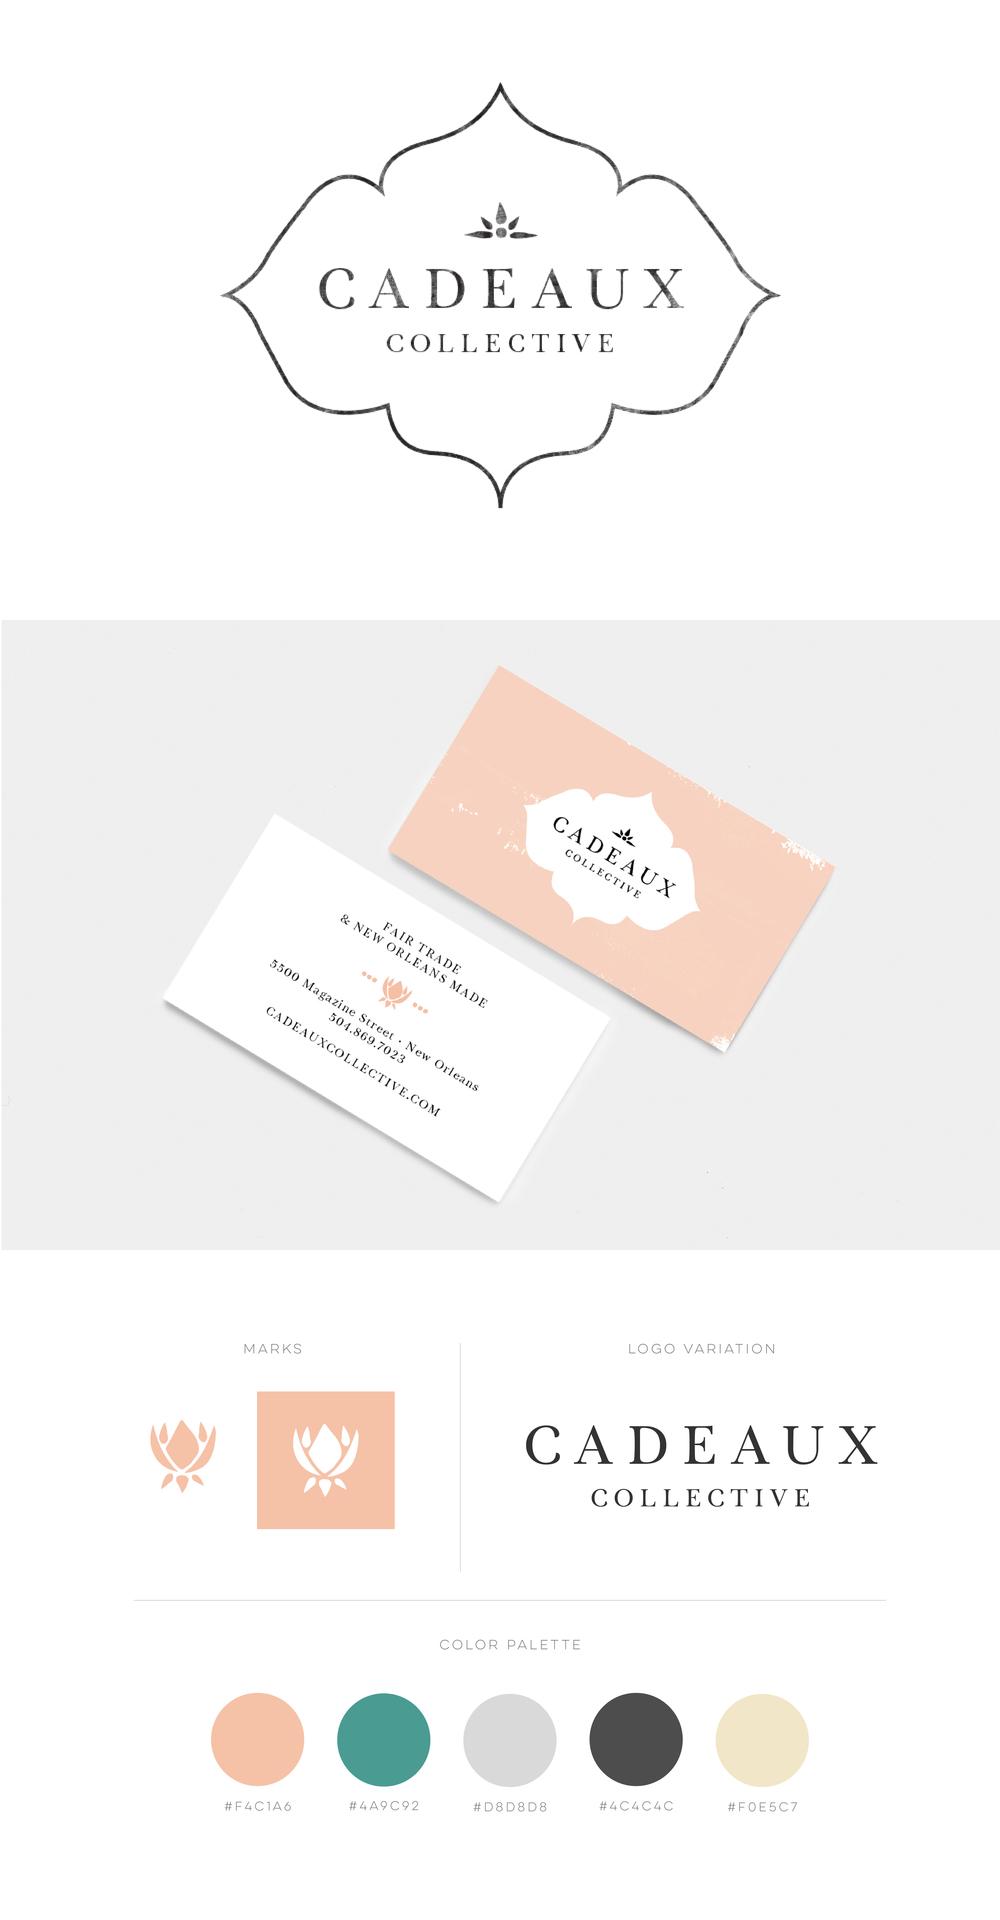 Cadeaux Collective Branding